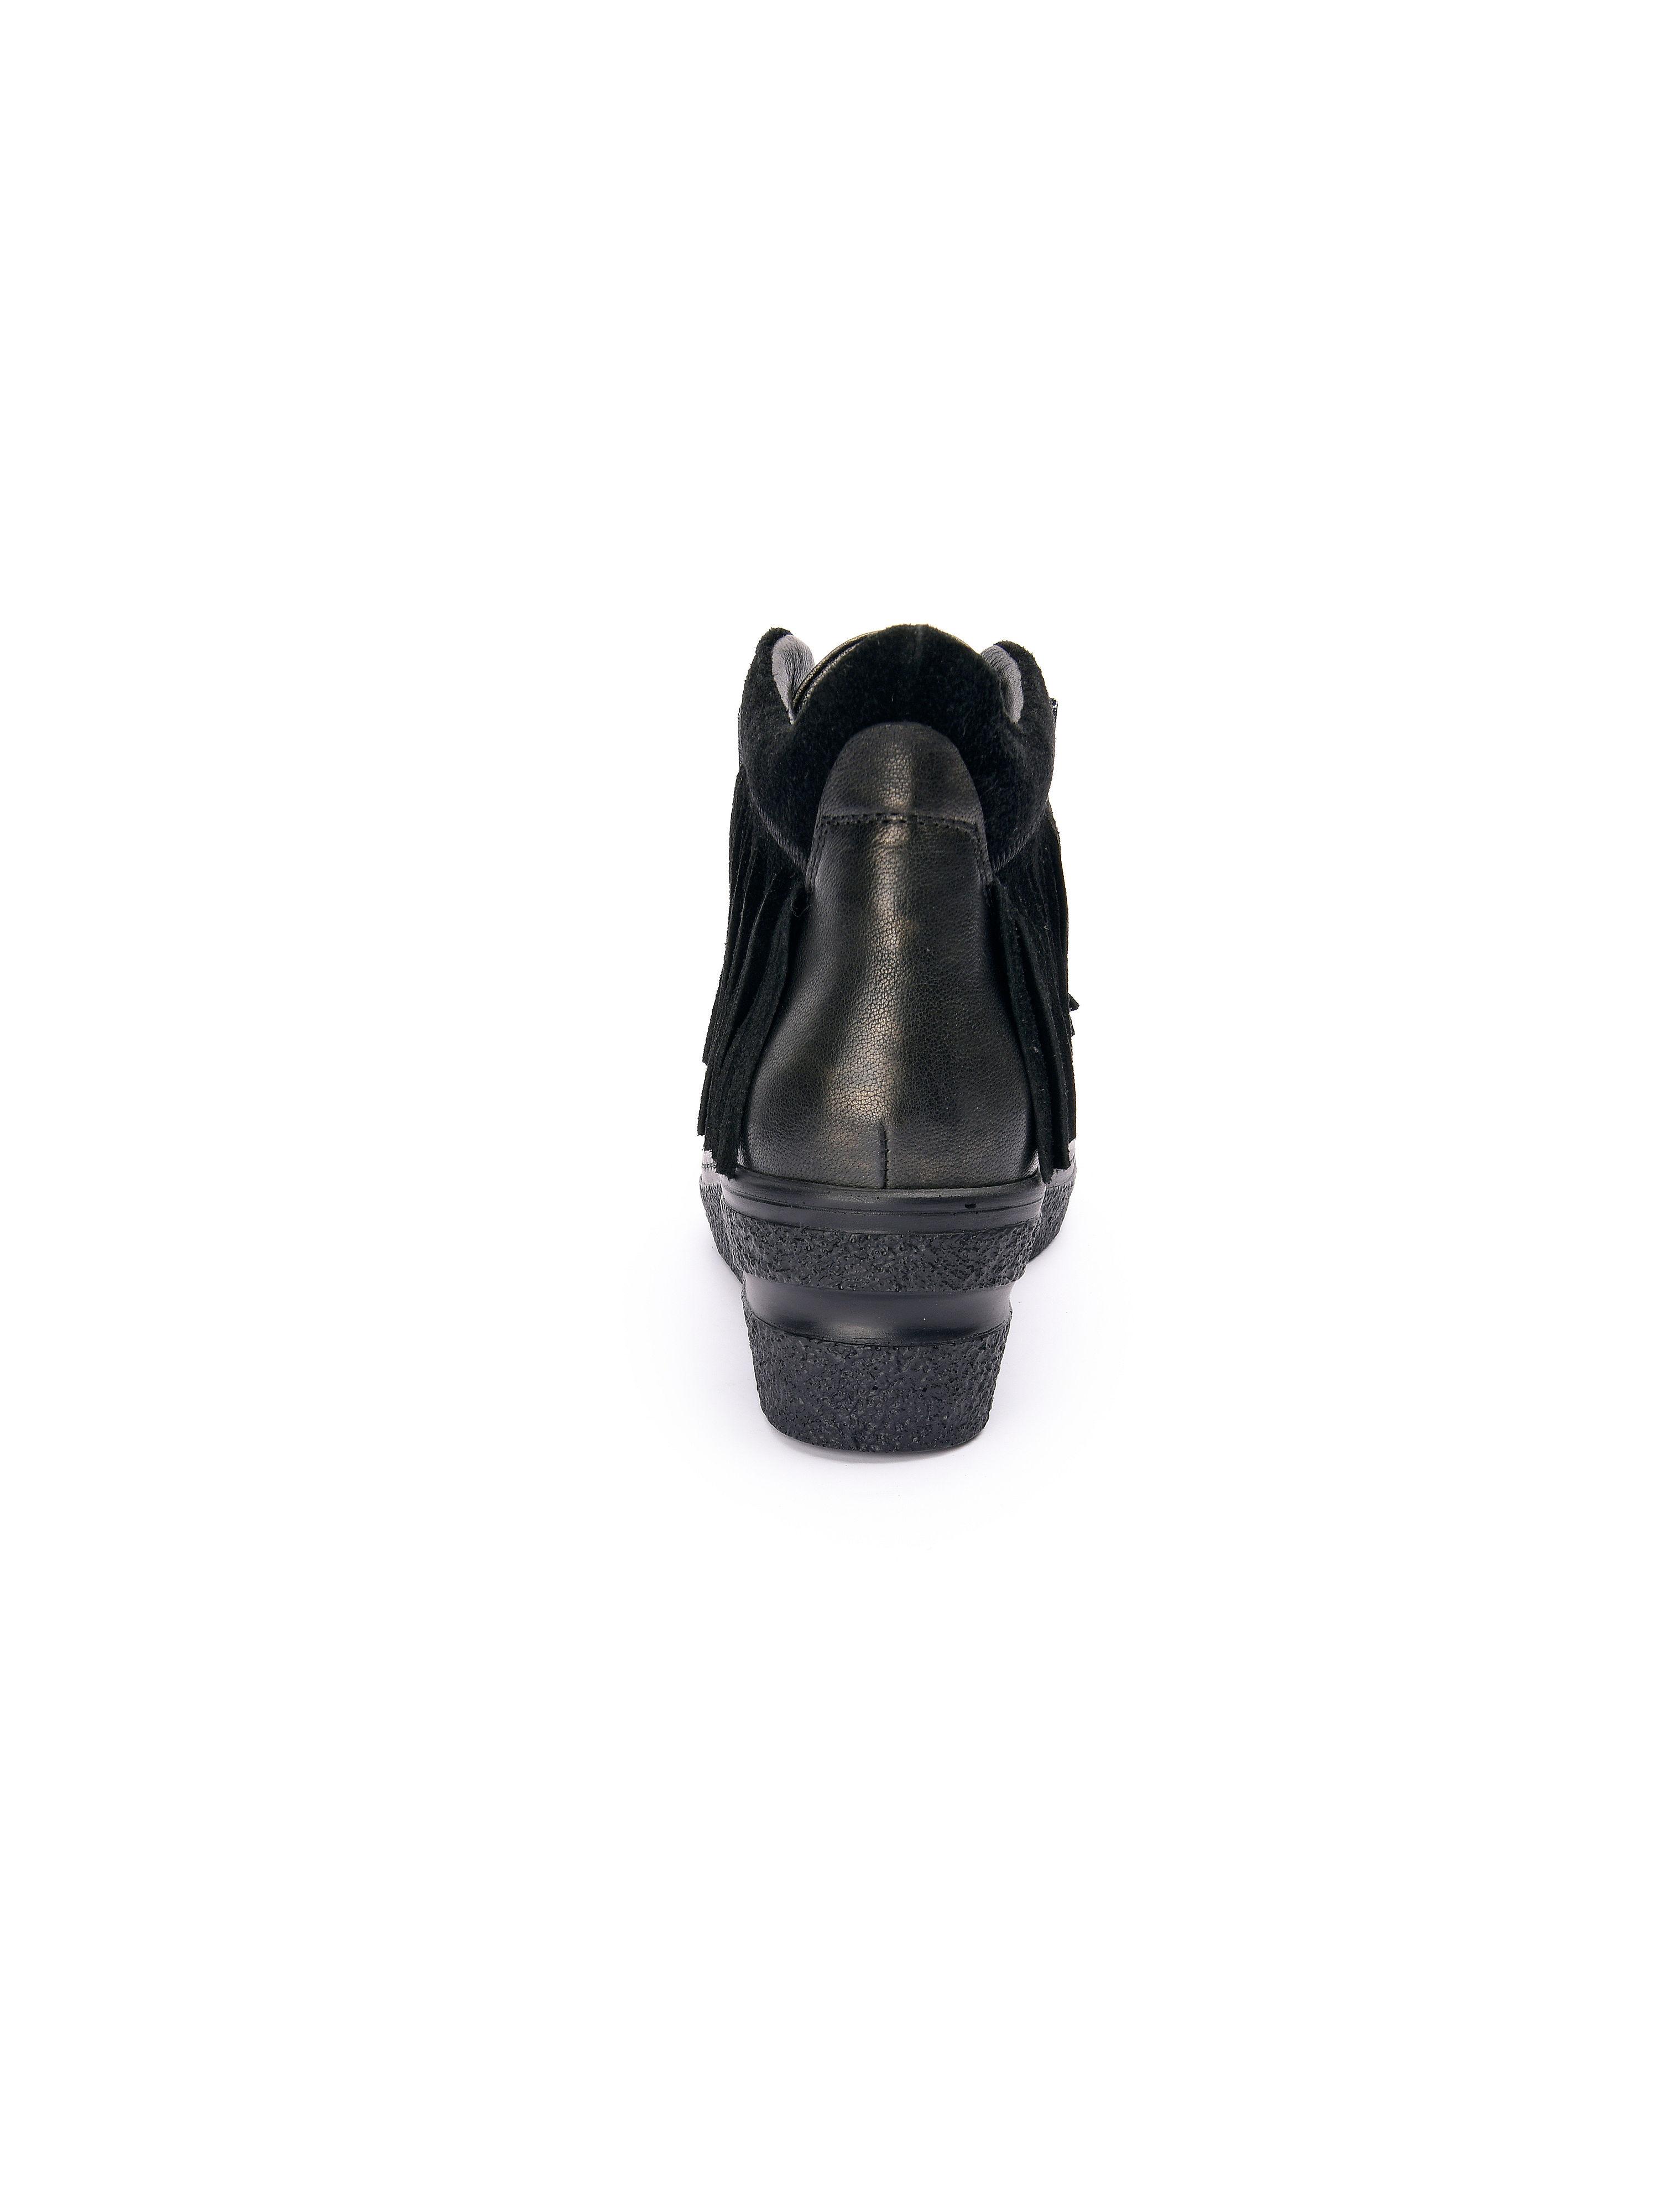 Softwaves - Gute knöchelhoher Schnürer - Schwarz-Metallic Gute - Qualität beliebte Schuhe fc49be